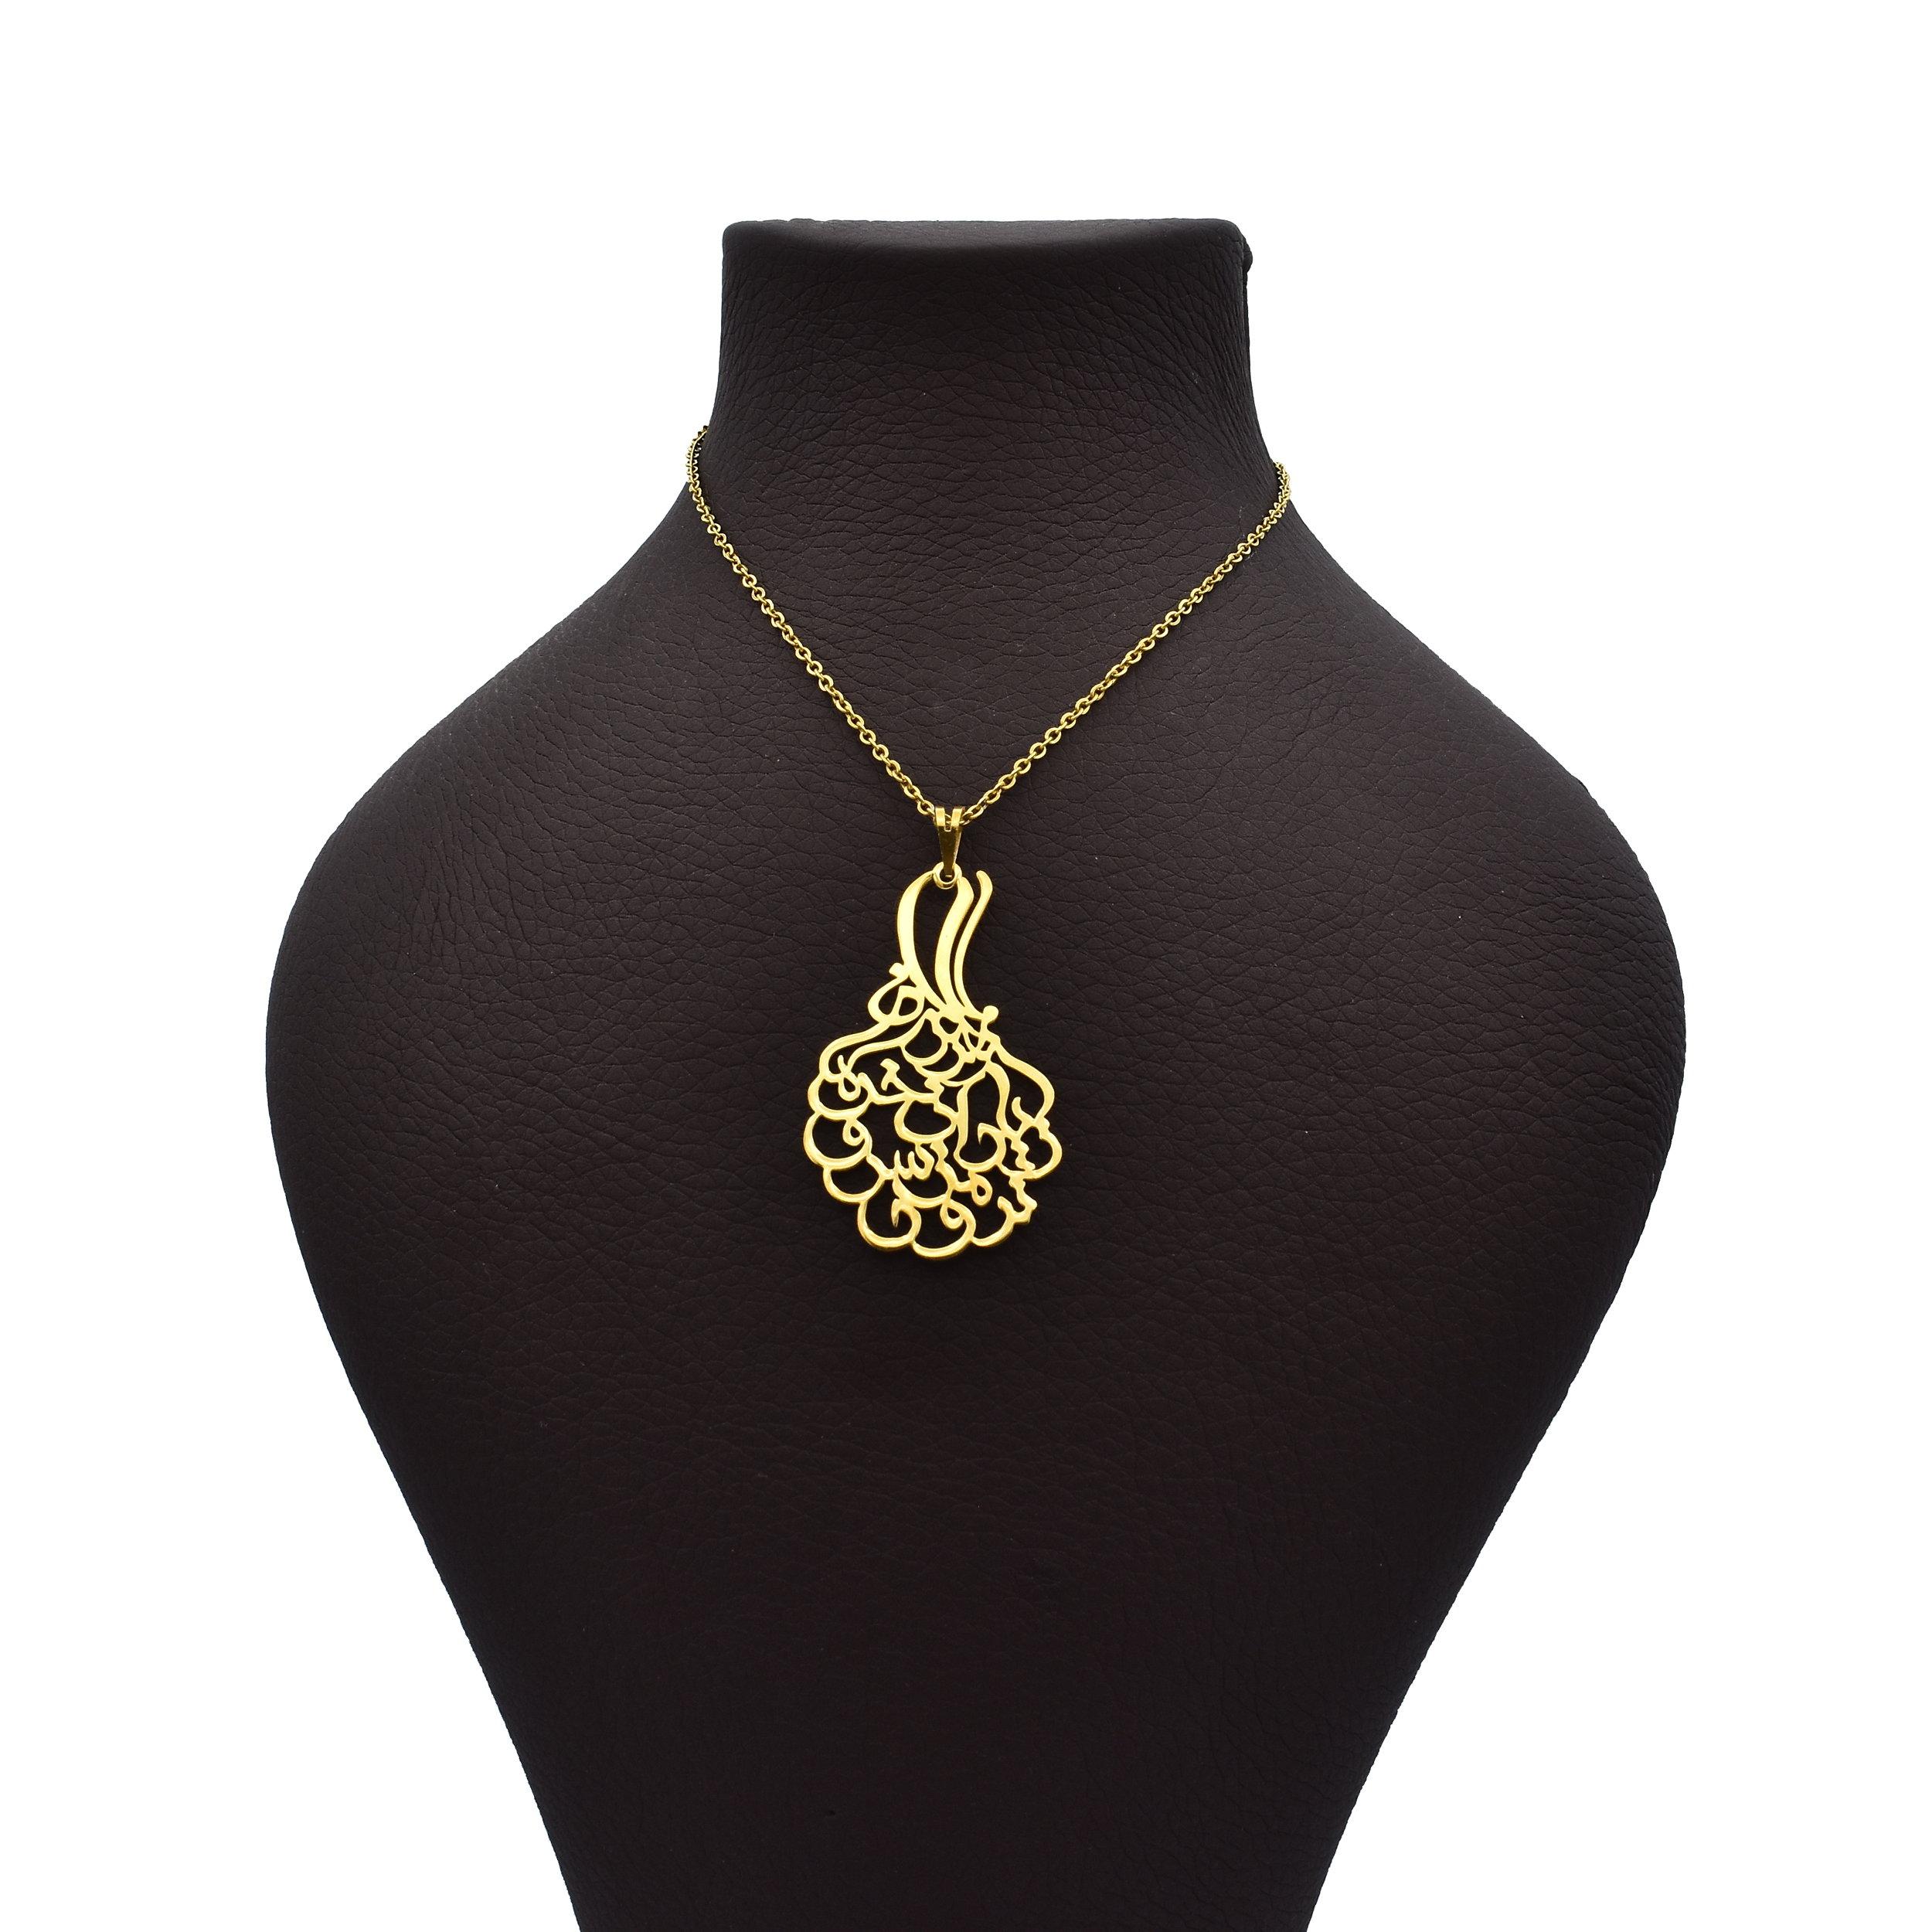 گردنبند طلا 18 عیار زنانه آرشا گالری طرح شعر اسلیمی کد 330A2449